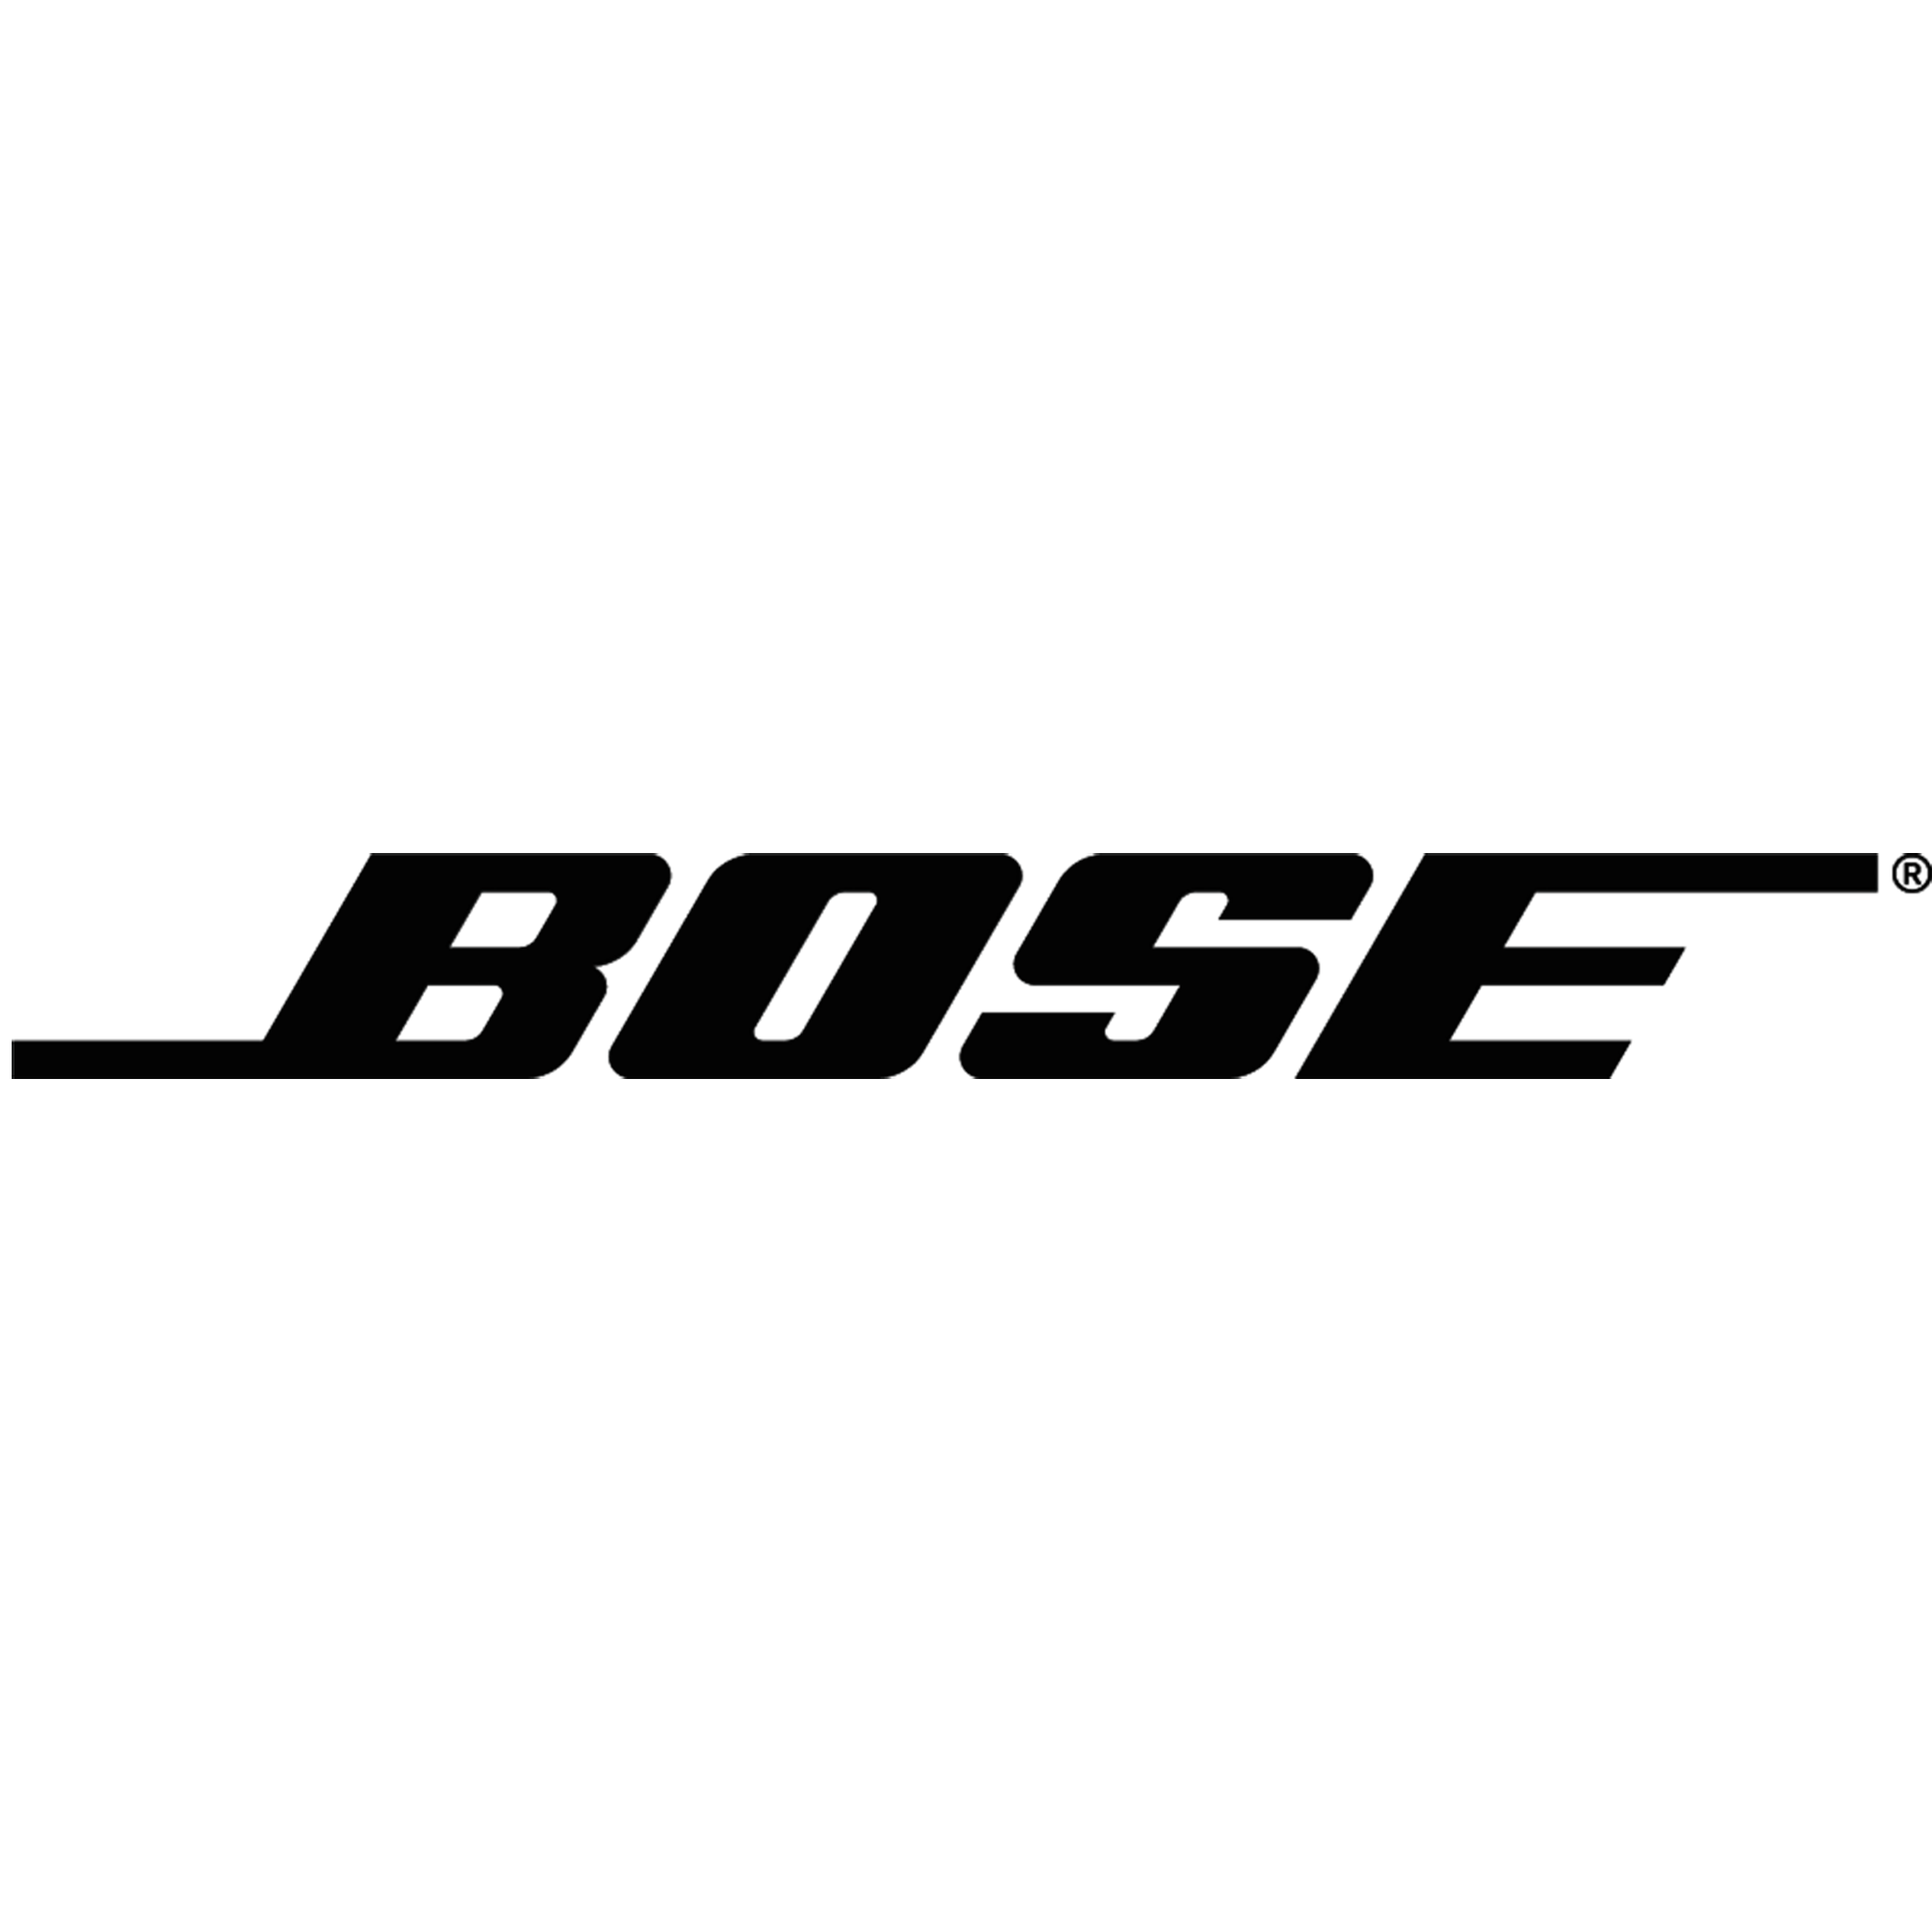 Bose_2000